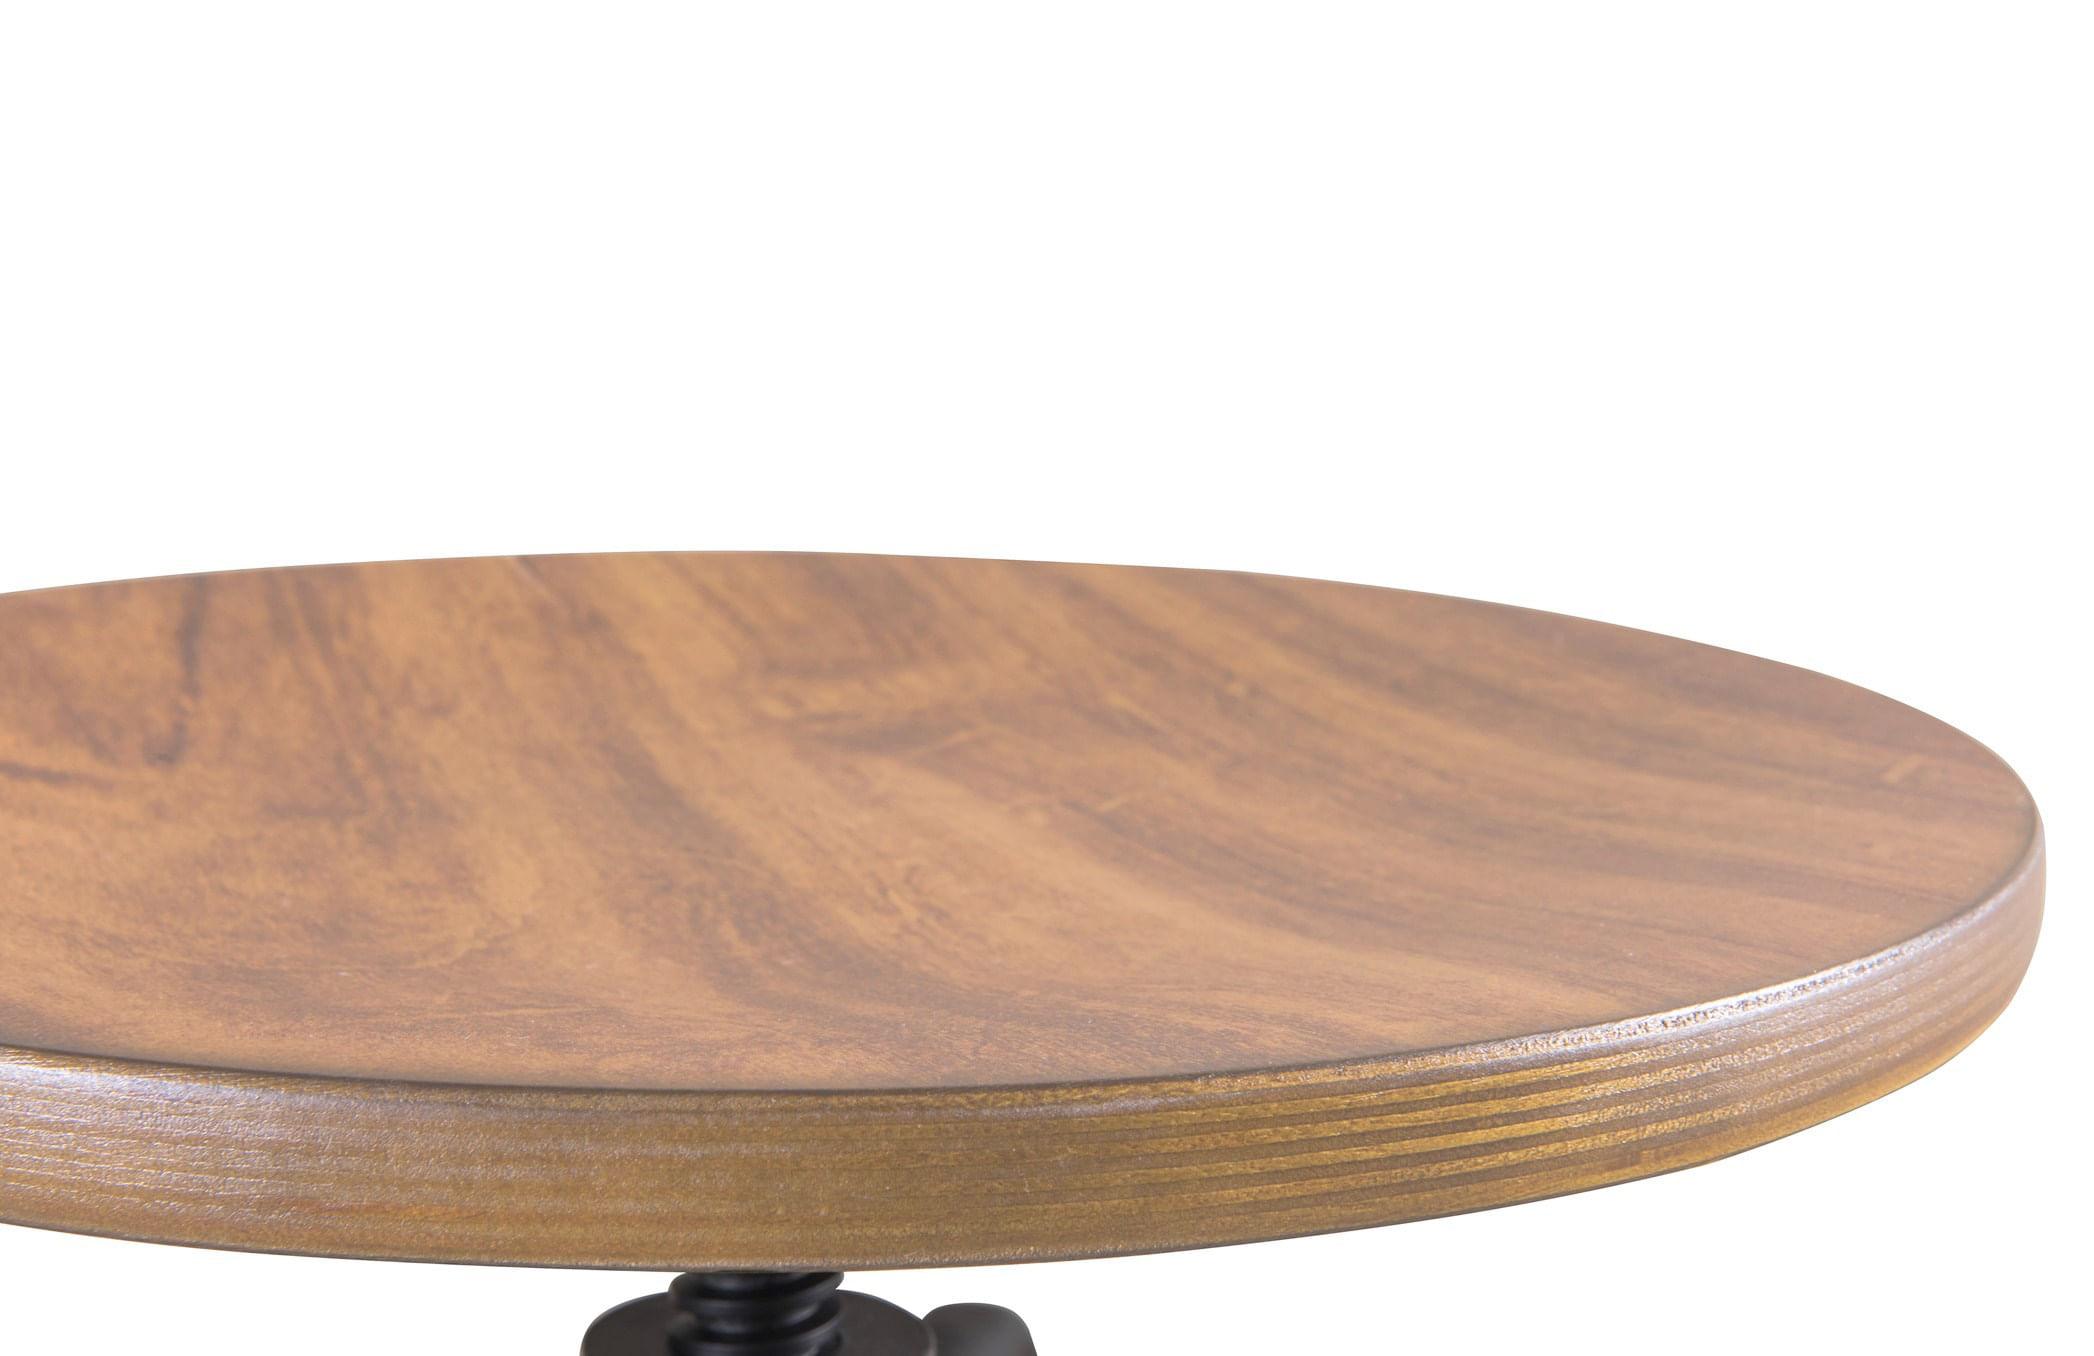 Banqueta Industrial Pecorino Assento Freijo com Base Preta 78 cm (ALT) - 44890